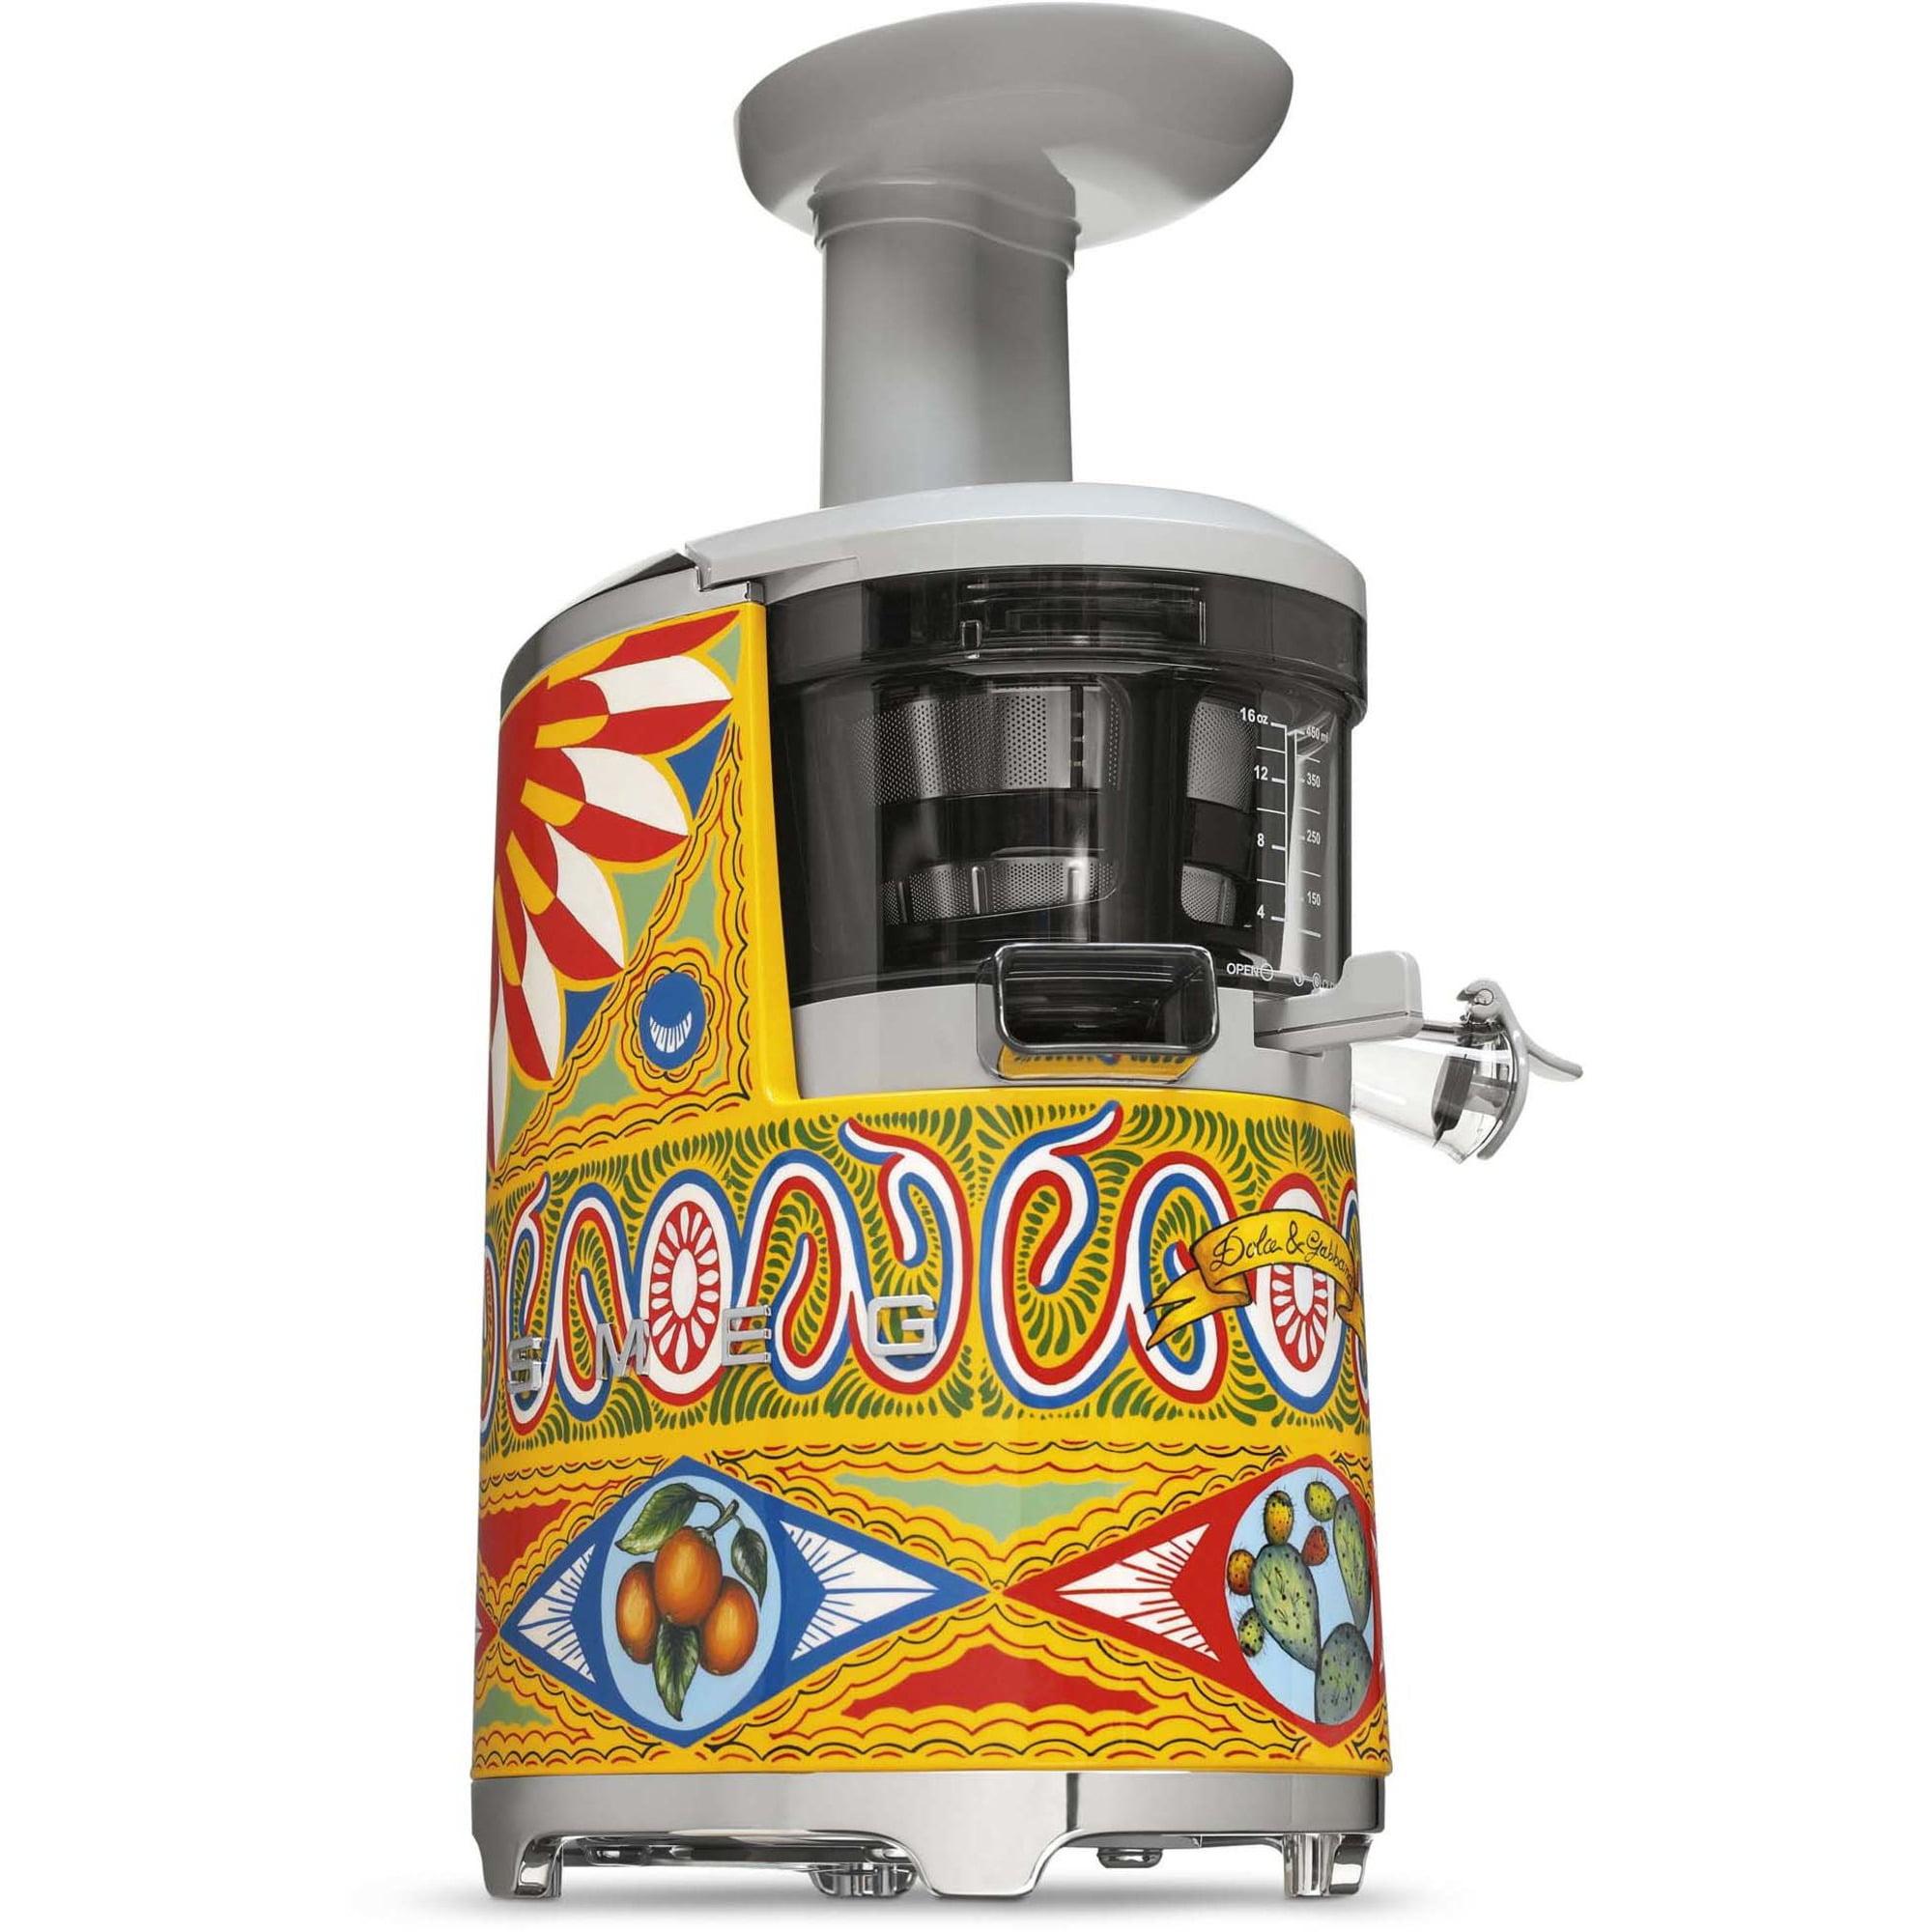 Smeg Dolce & Gabbana slowjuicer